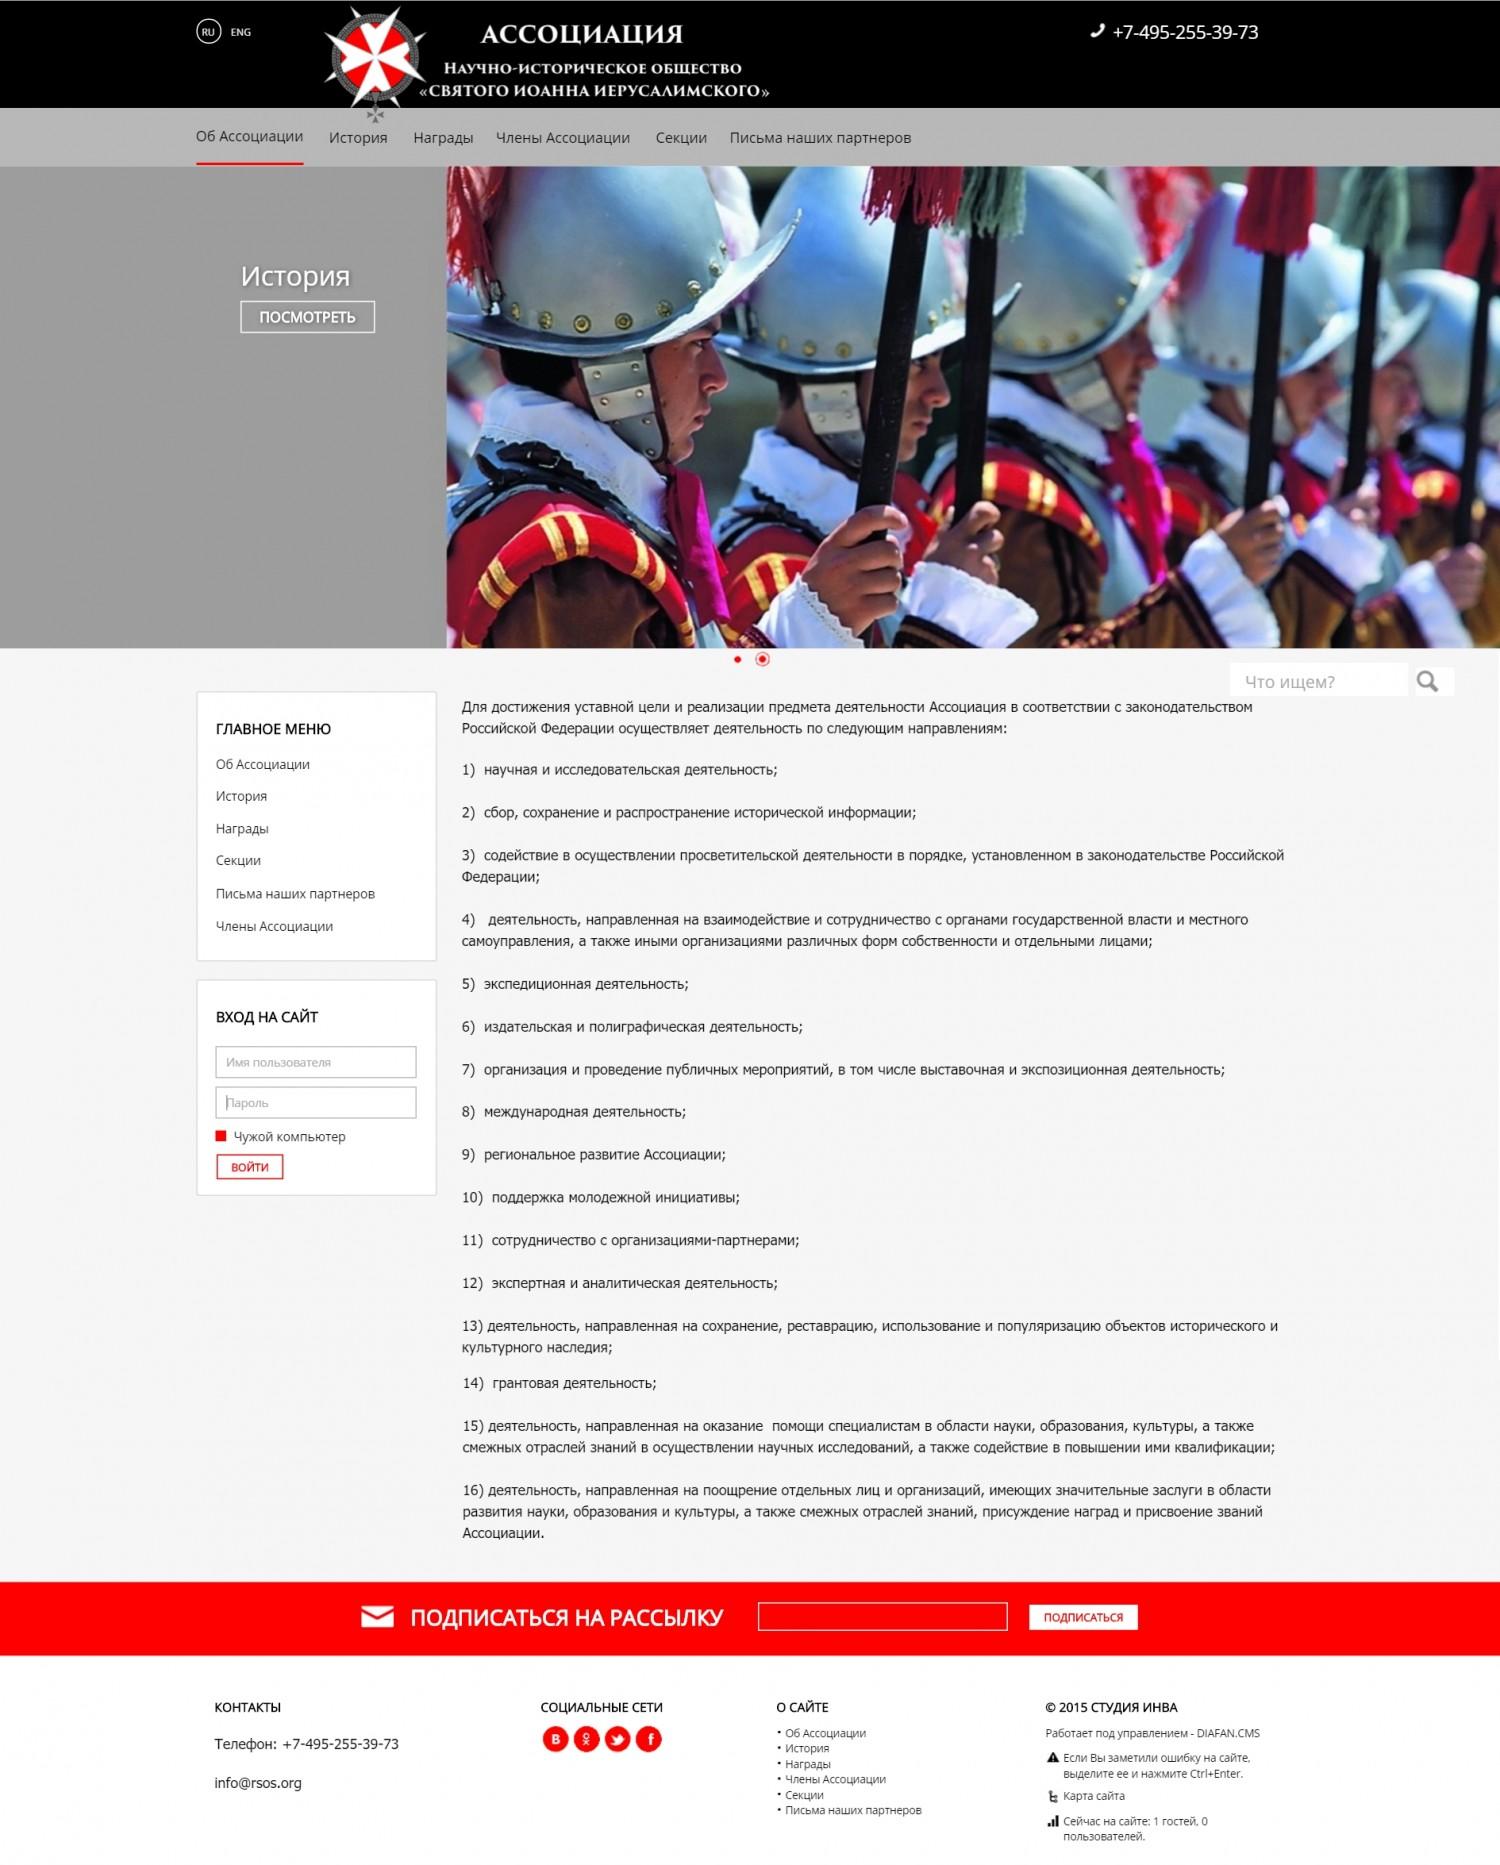 Сайт Ассоциации научно исторического общества Святого Иоанна Иерусалимского